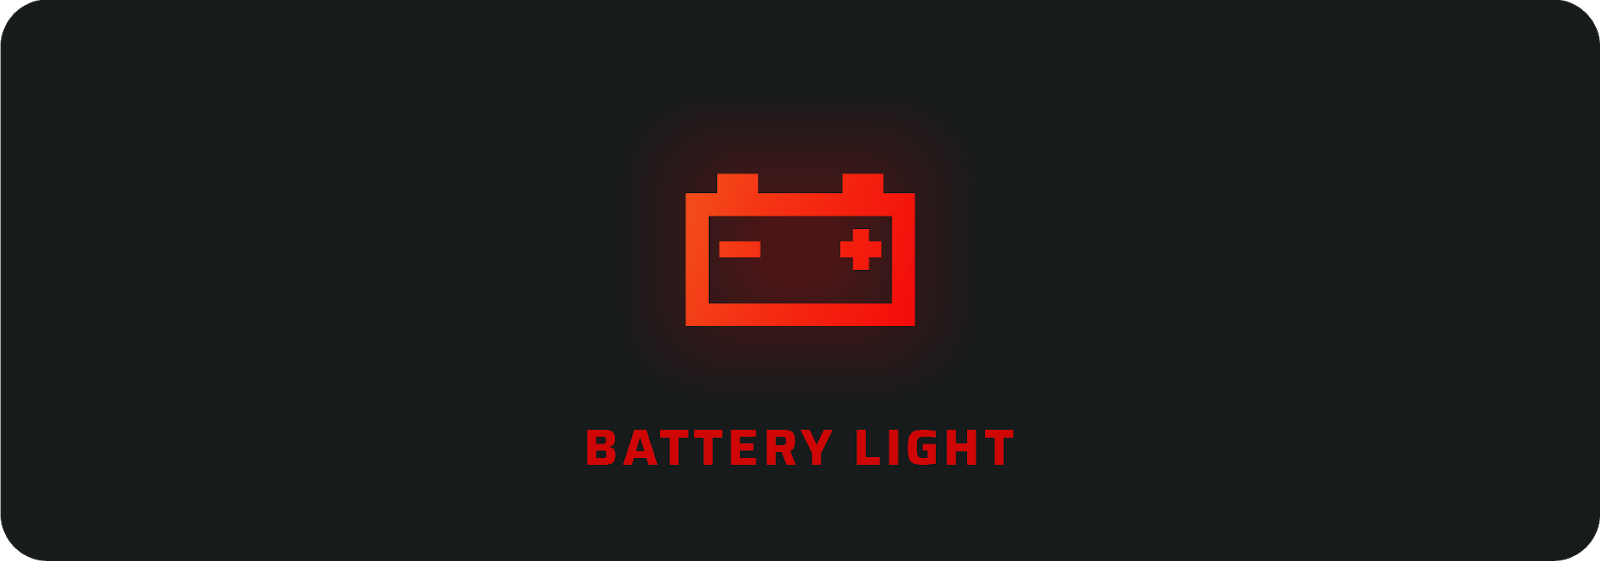 Battery car warning light